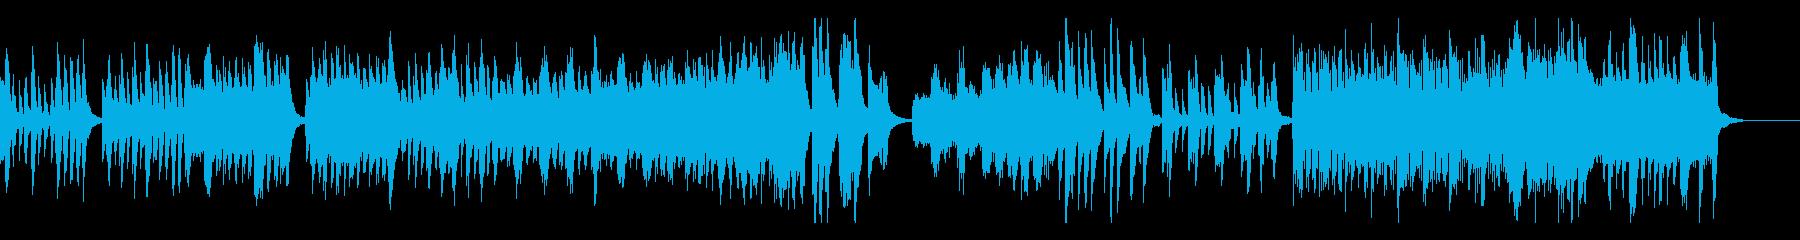 ハイドンのピアノソナタ第35番・第1楽章の再生済みの波形